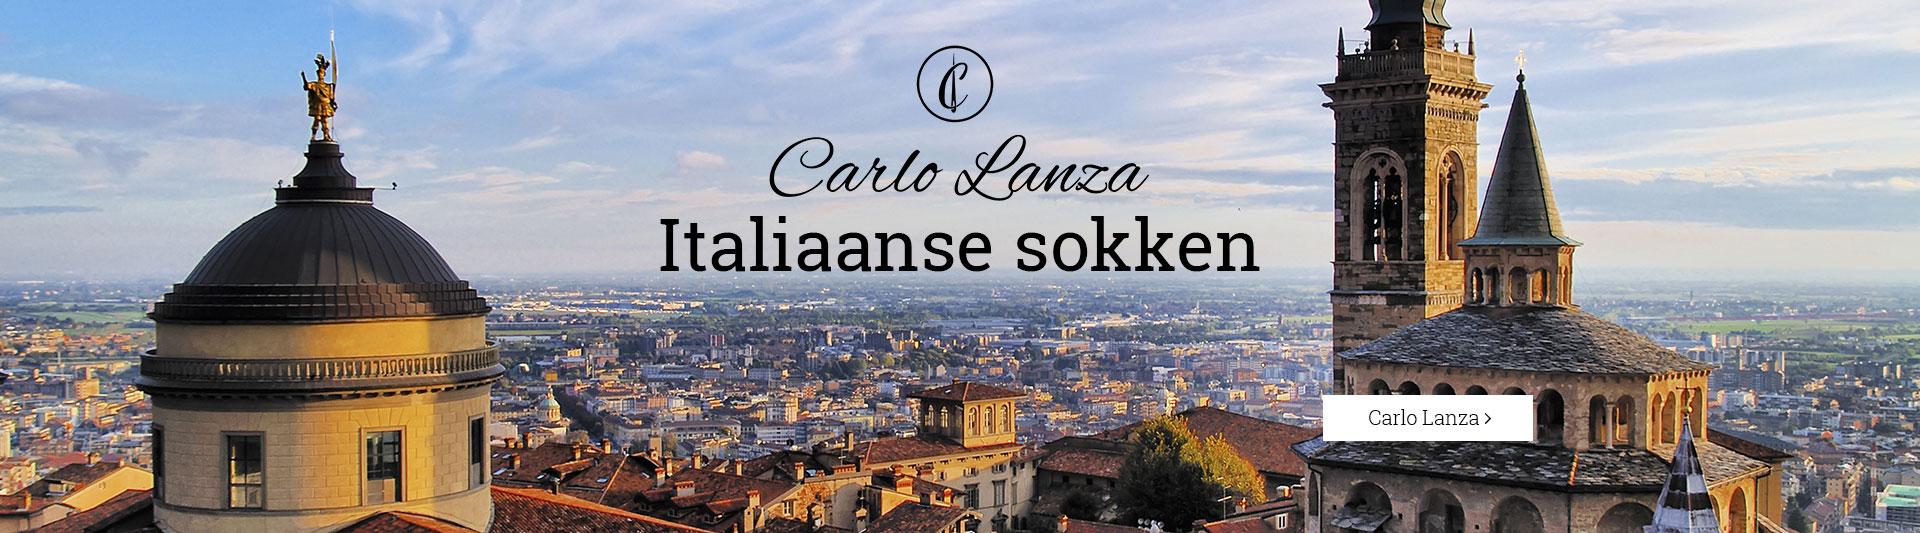 Carlo Lanza handgemaakte Italiaanse herensokken